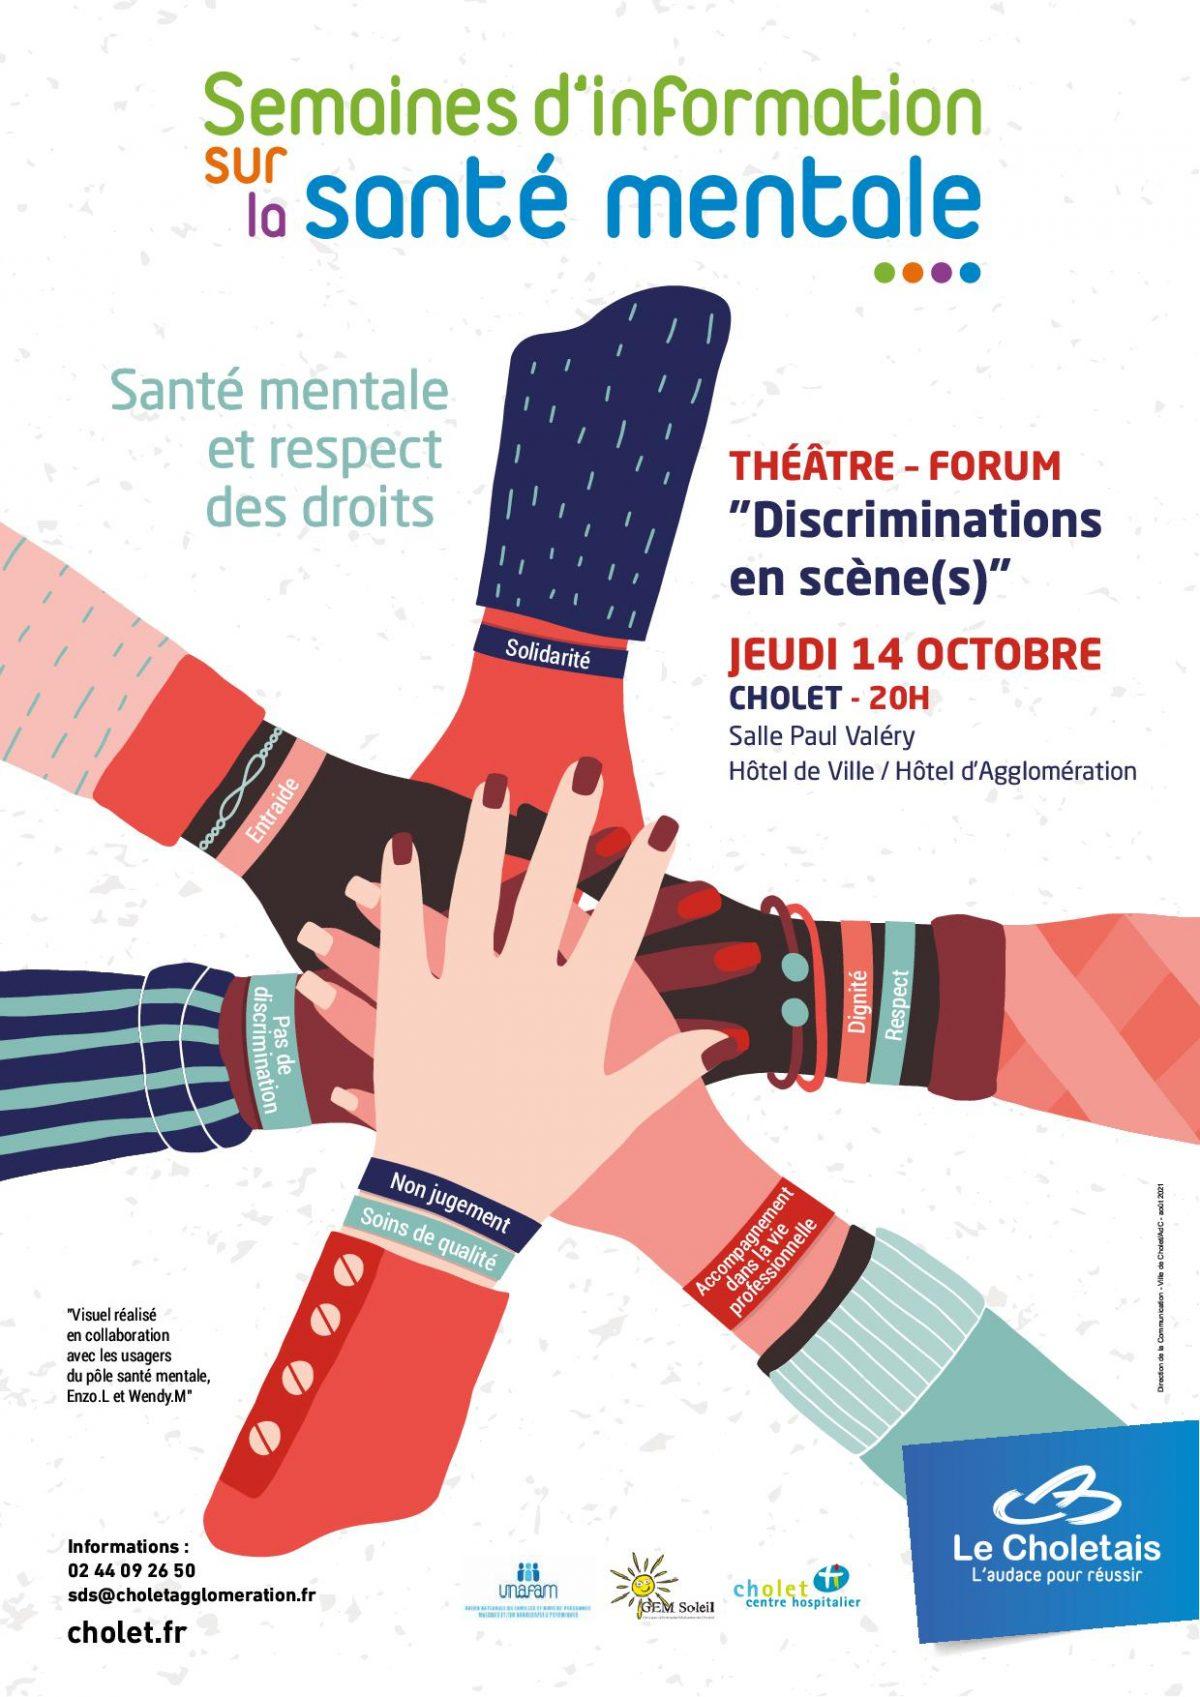 Semaine d'information sur la santé mentale 2021 : Théâtre Forum 14/10/2021